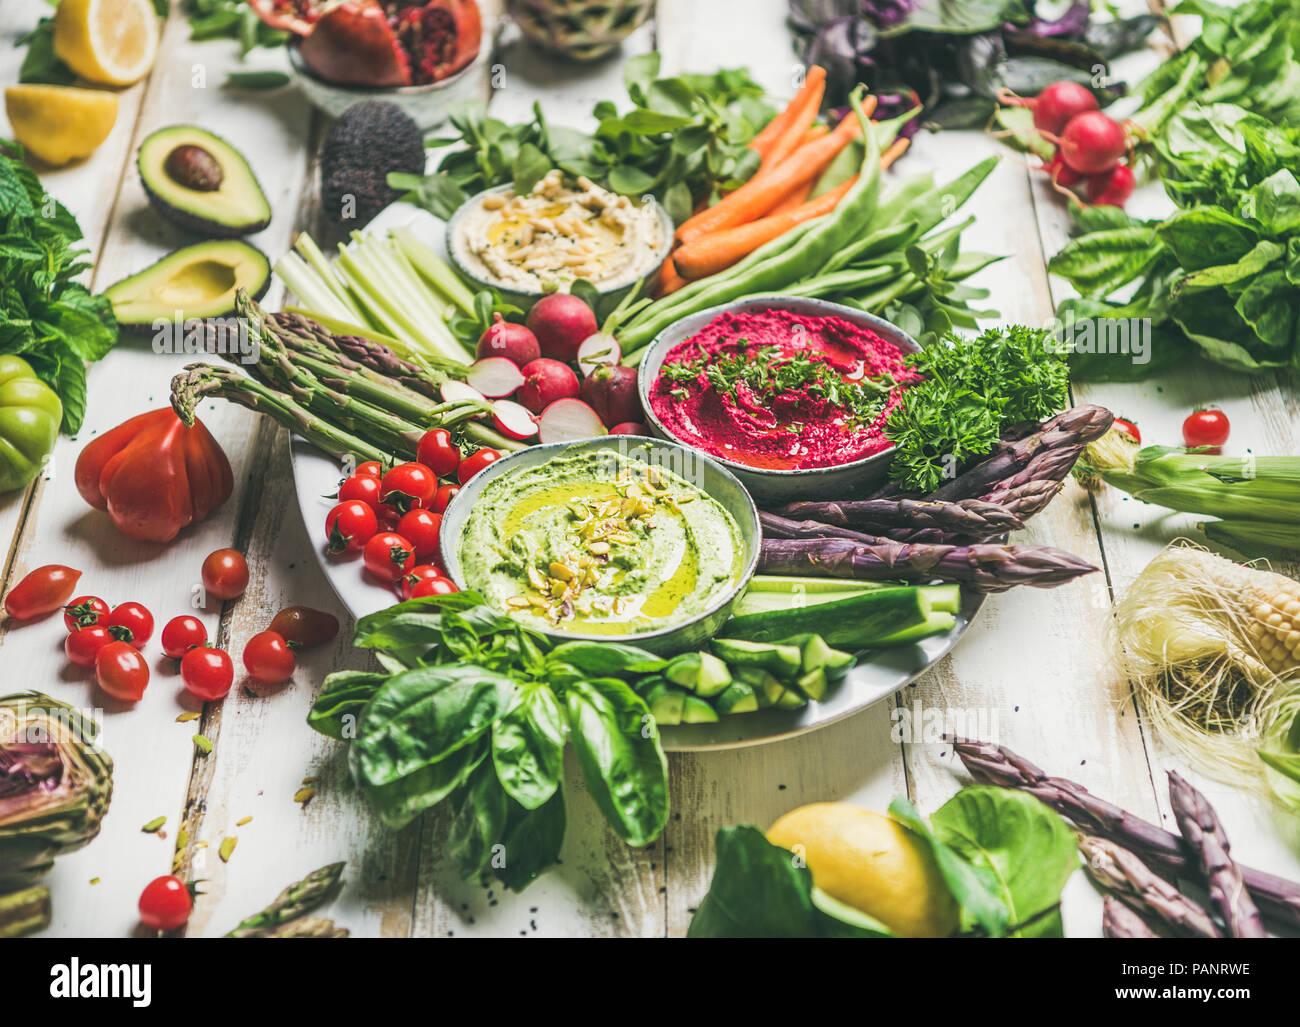 Raw vegan sain d'été plaque snack pour parti vegan Photo Stock